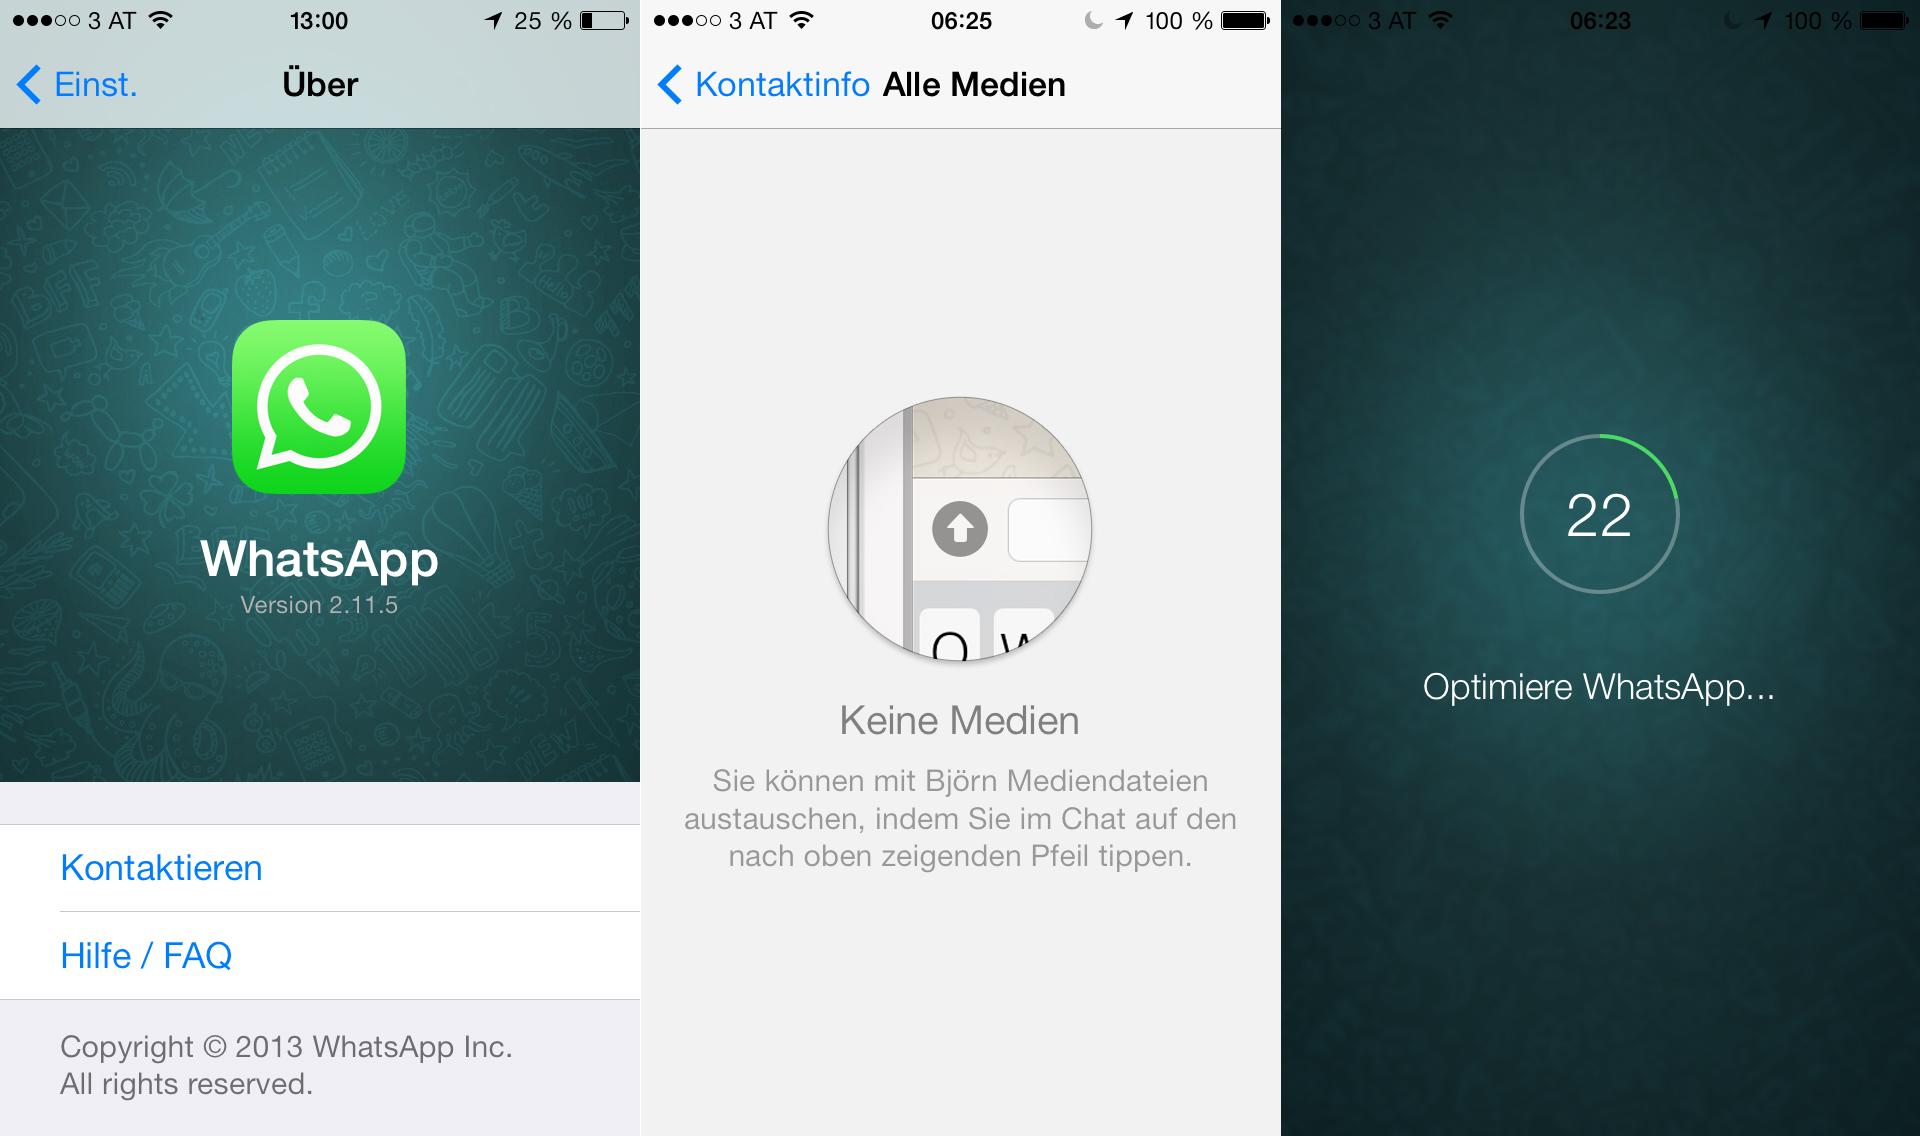 WhatsApp iOS 7 Update - Änderungen Hack4Life Review - Optimieren - Einstellungen - Versionsnummer - 2.11.5